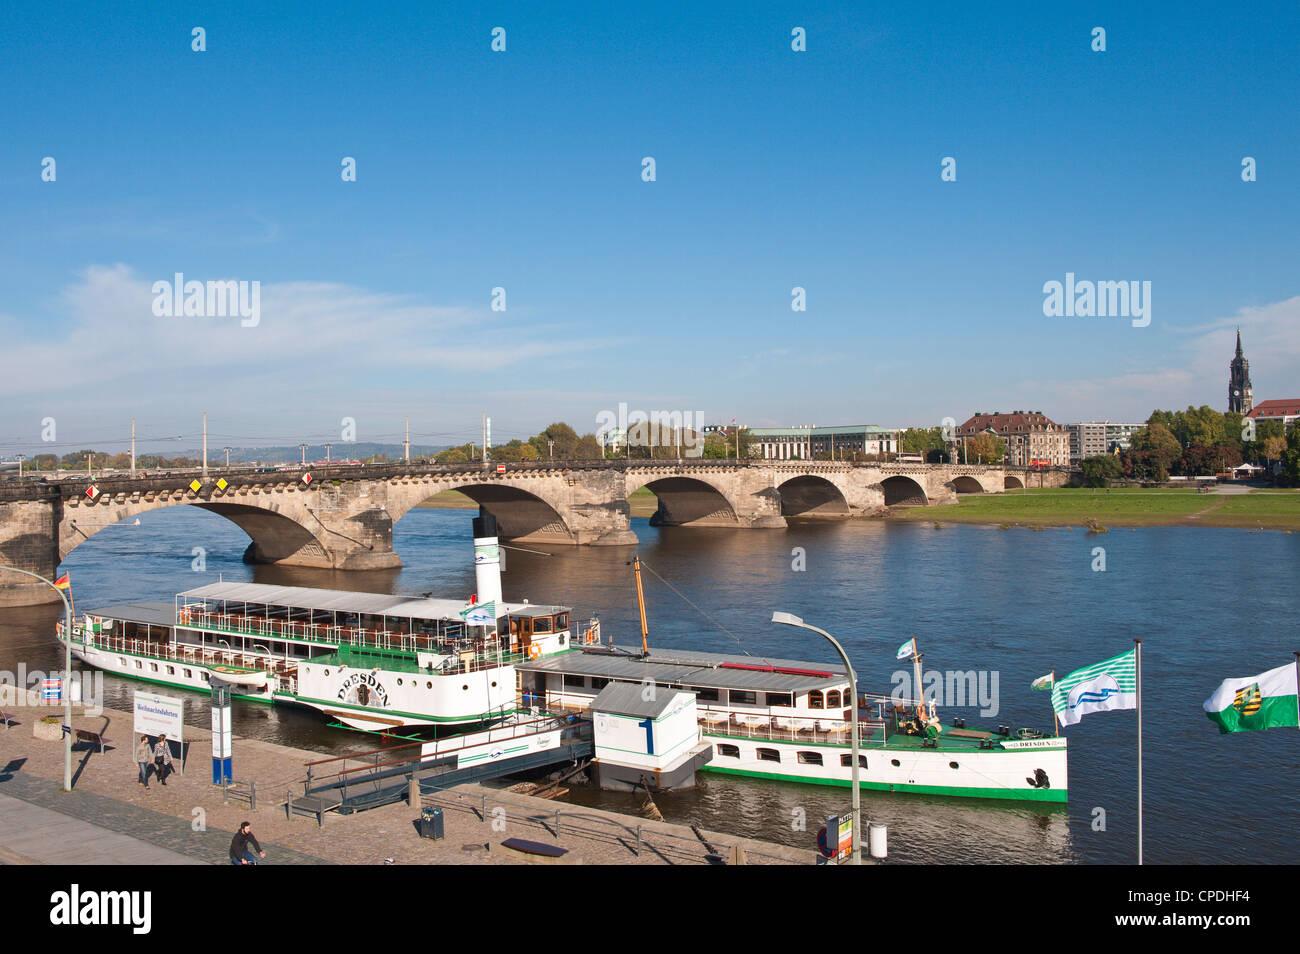 Barca fluviale sul fiume Elba al Ponte di Augusto (Augustusbrucke), Dresda, Sassonia, Germania, Europa Immagini Stock